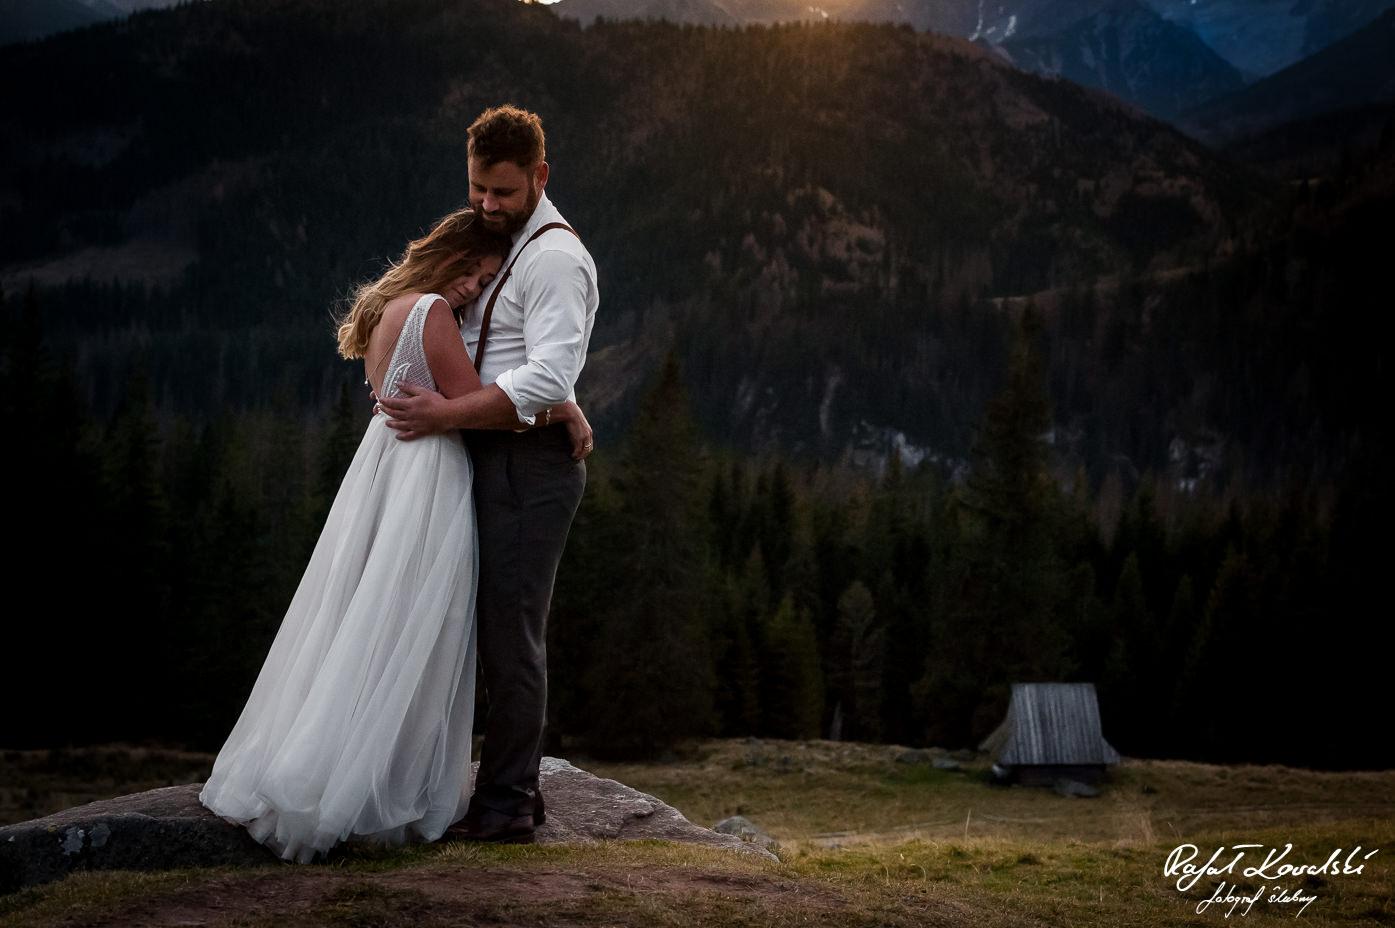 Sesja ślubna w Tatrach z charakterystycznym elementem krajobrazu w tle, drewnianą bacówką